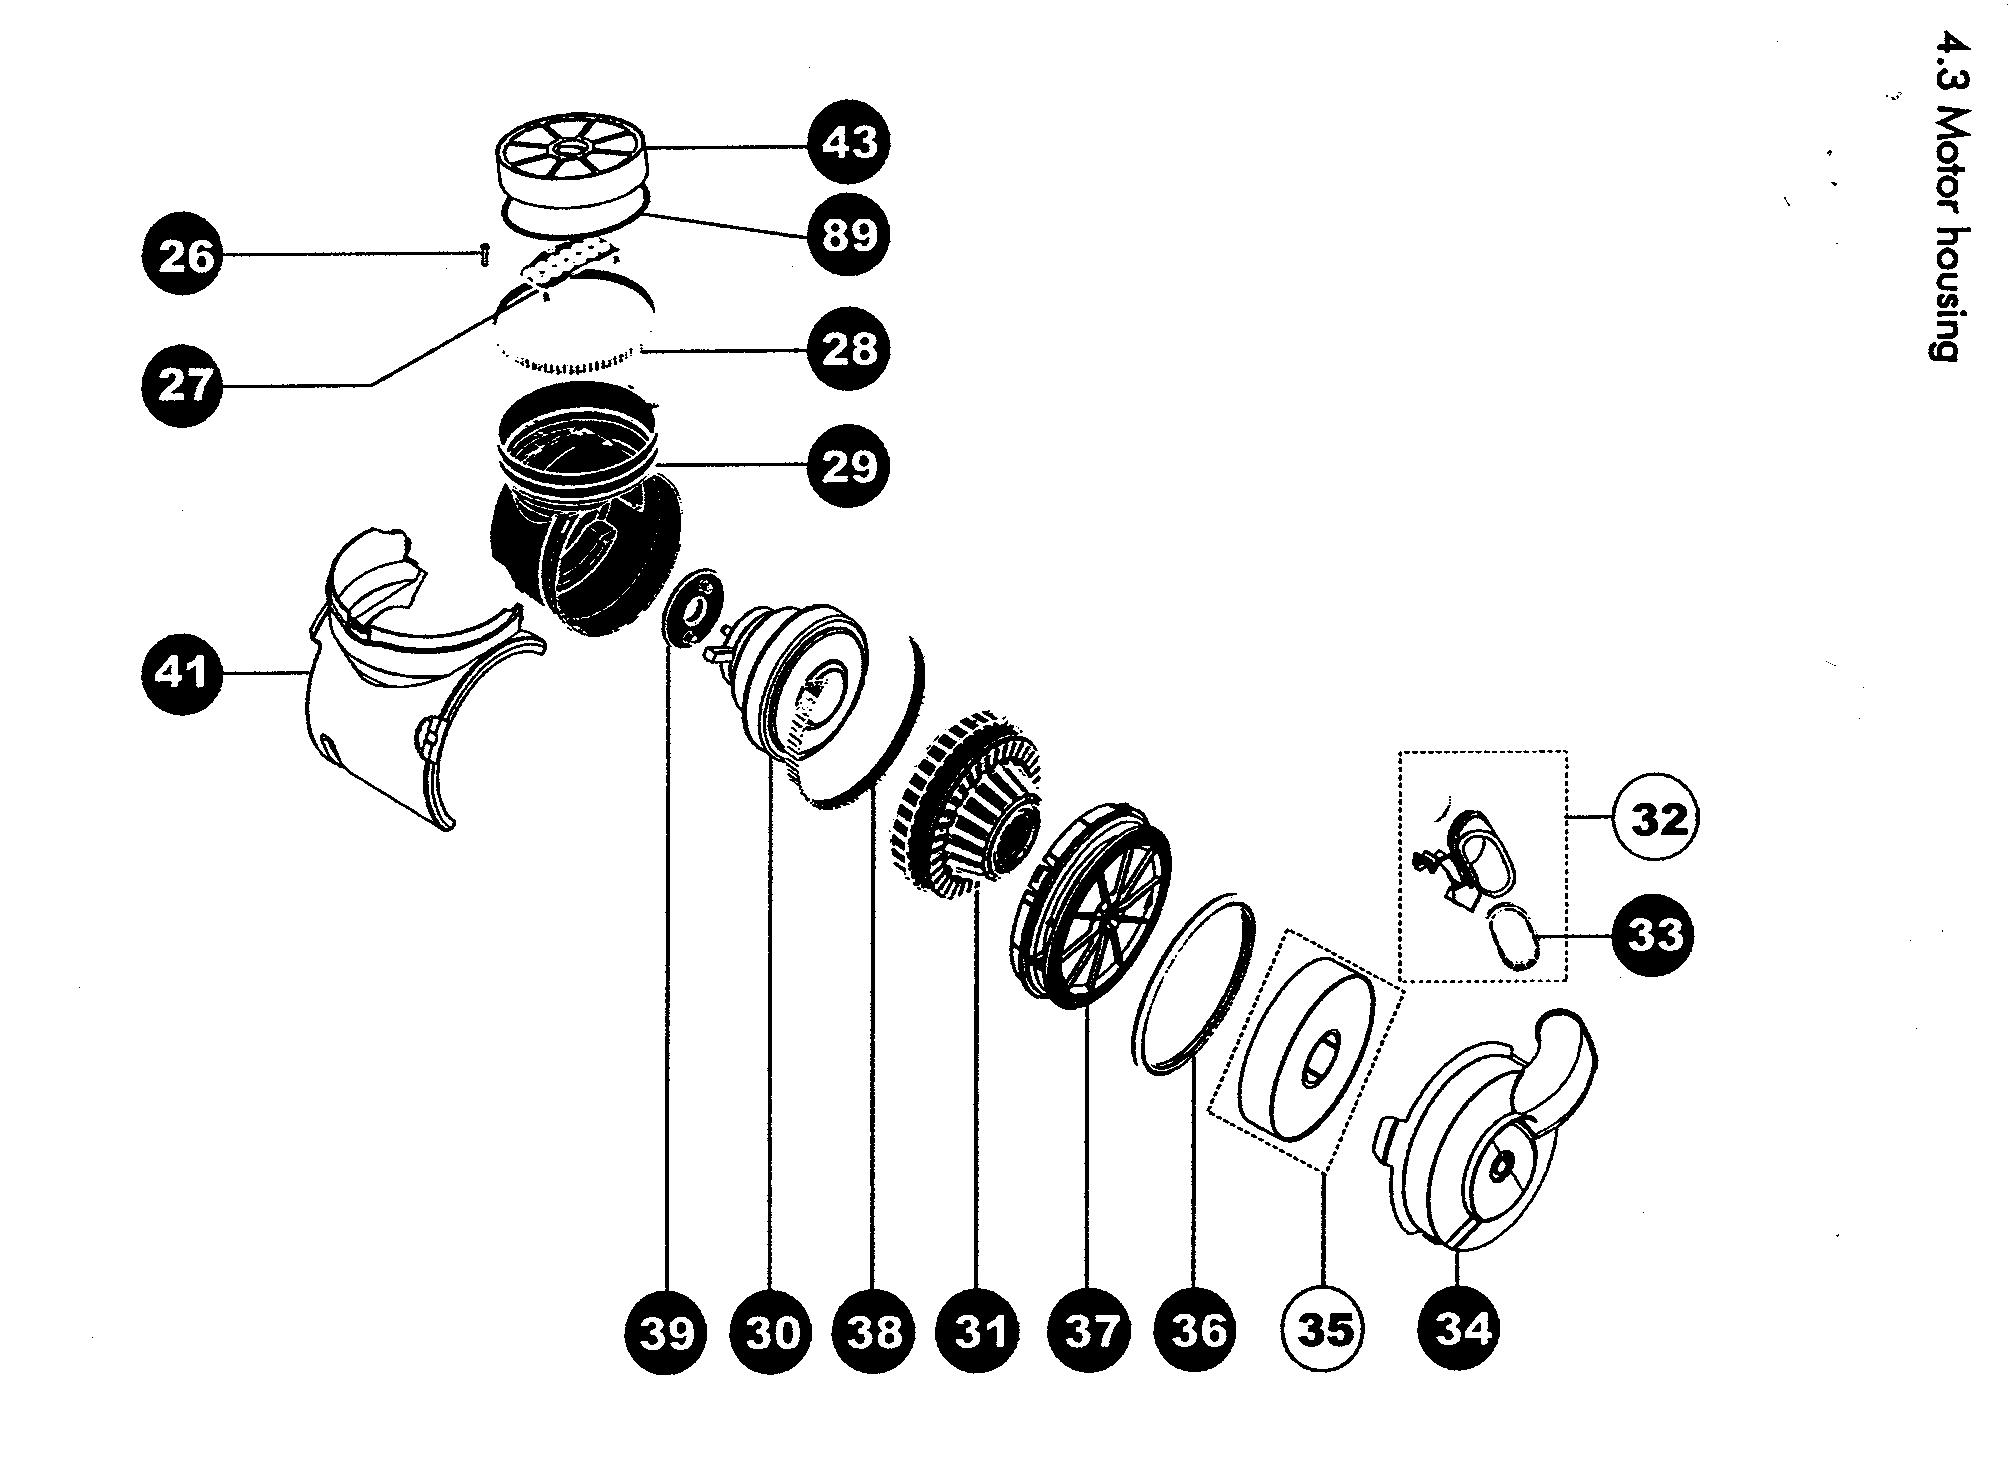 Dyson Dc07 Parts Diagram Pdf